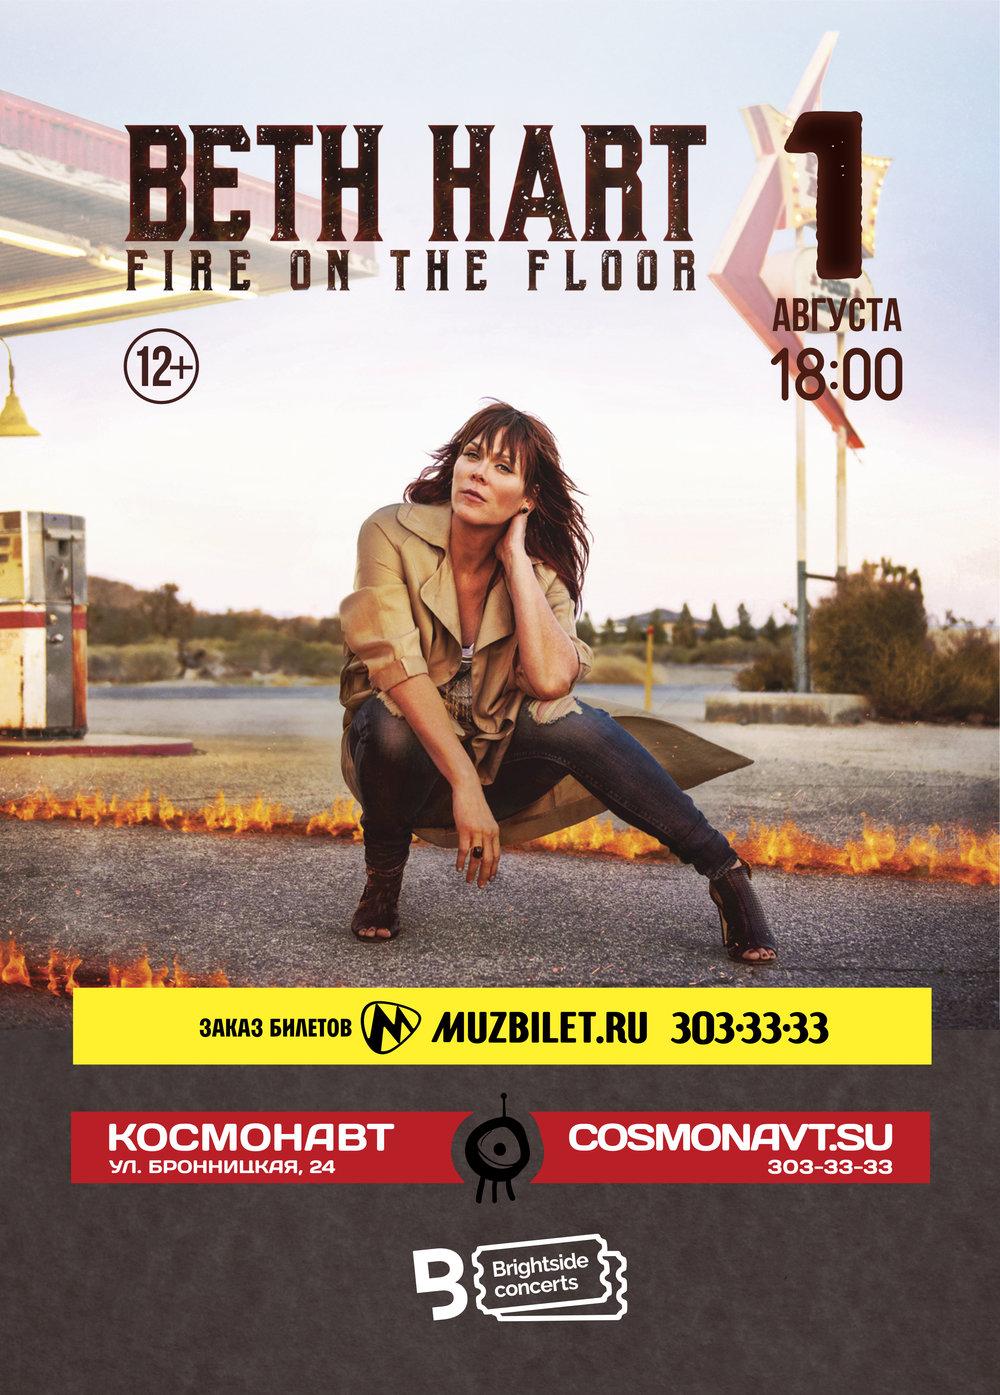 Beth Hart, Saint Petersburg, Cosmonavt, August 1